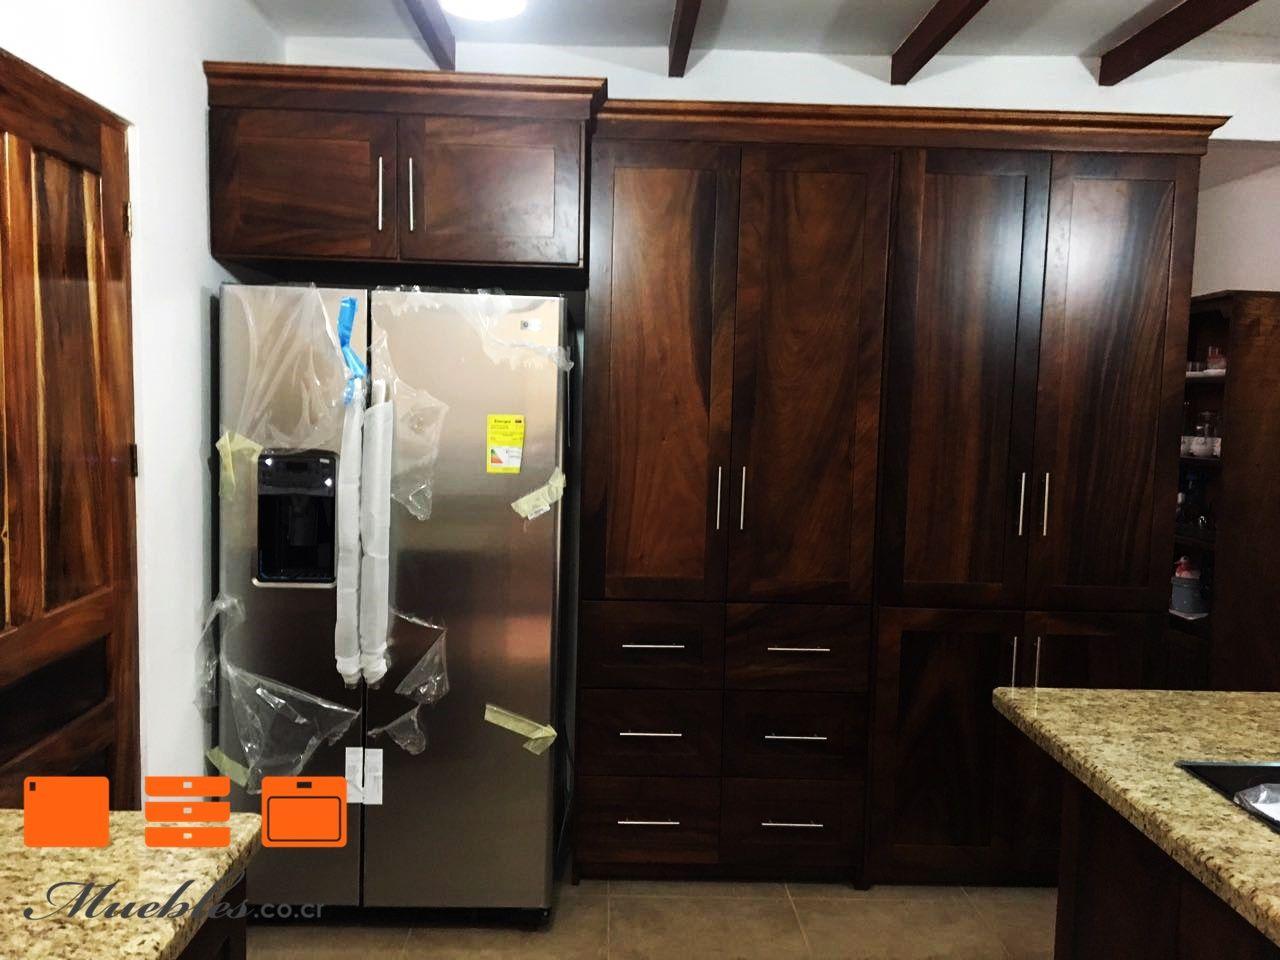 Mueble de cocina con refrigerador empotrado muebles de for Muebles de cocina df